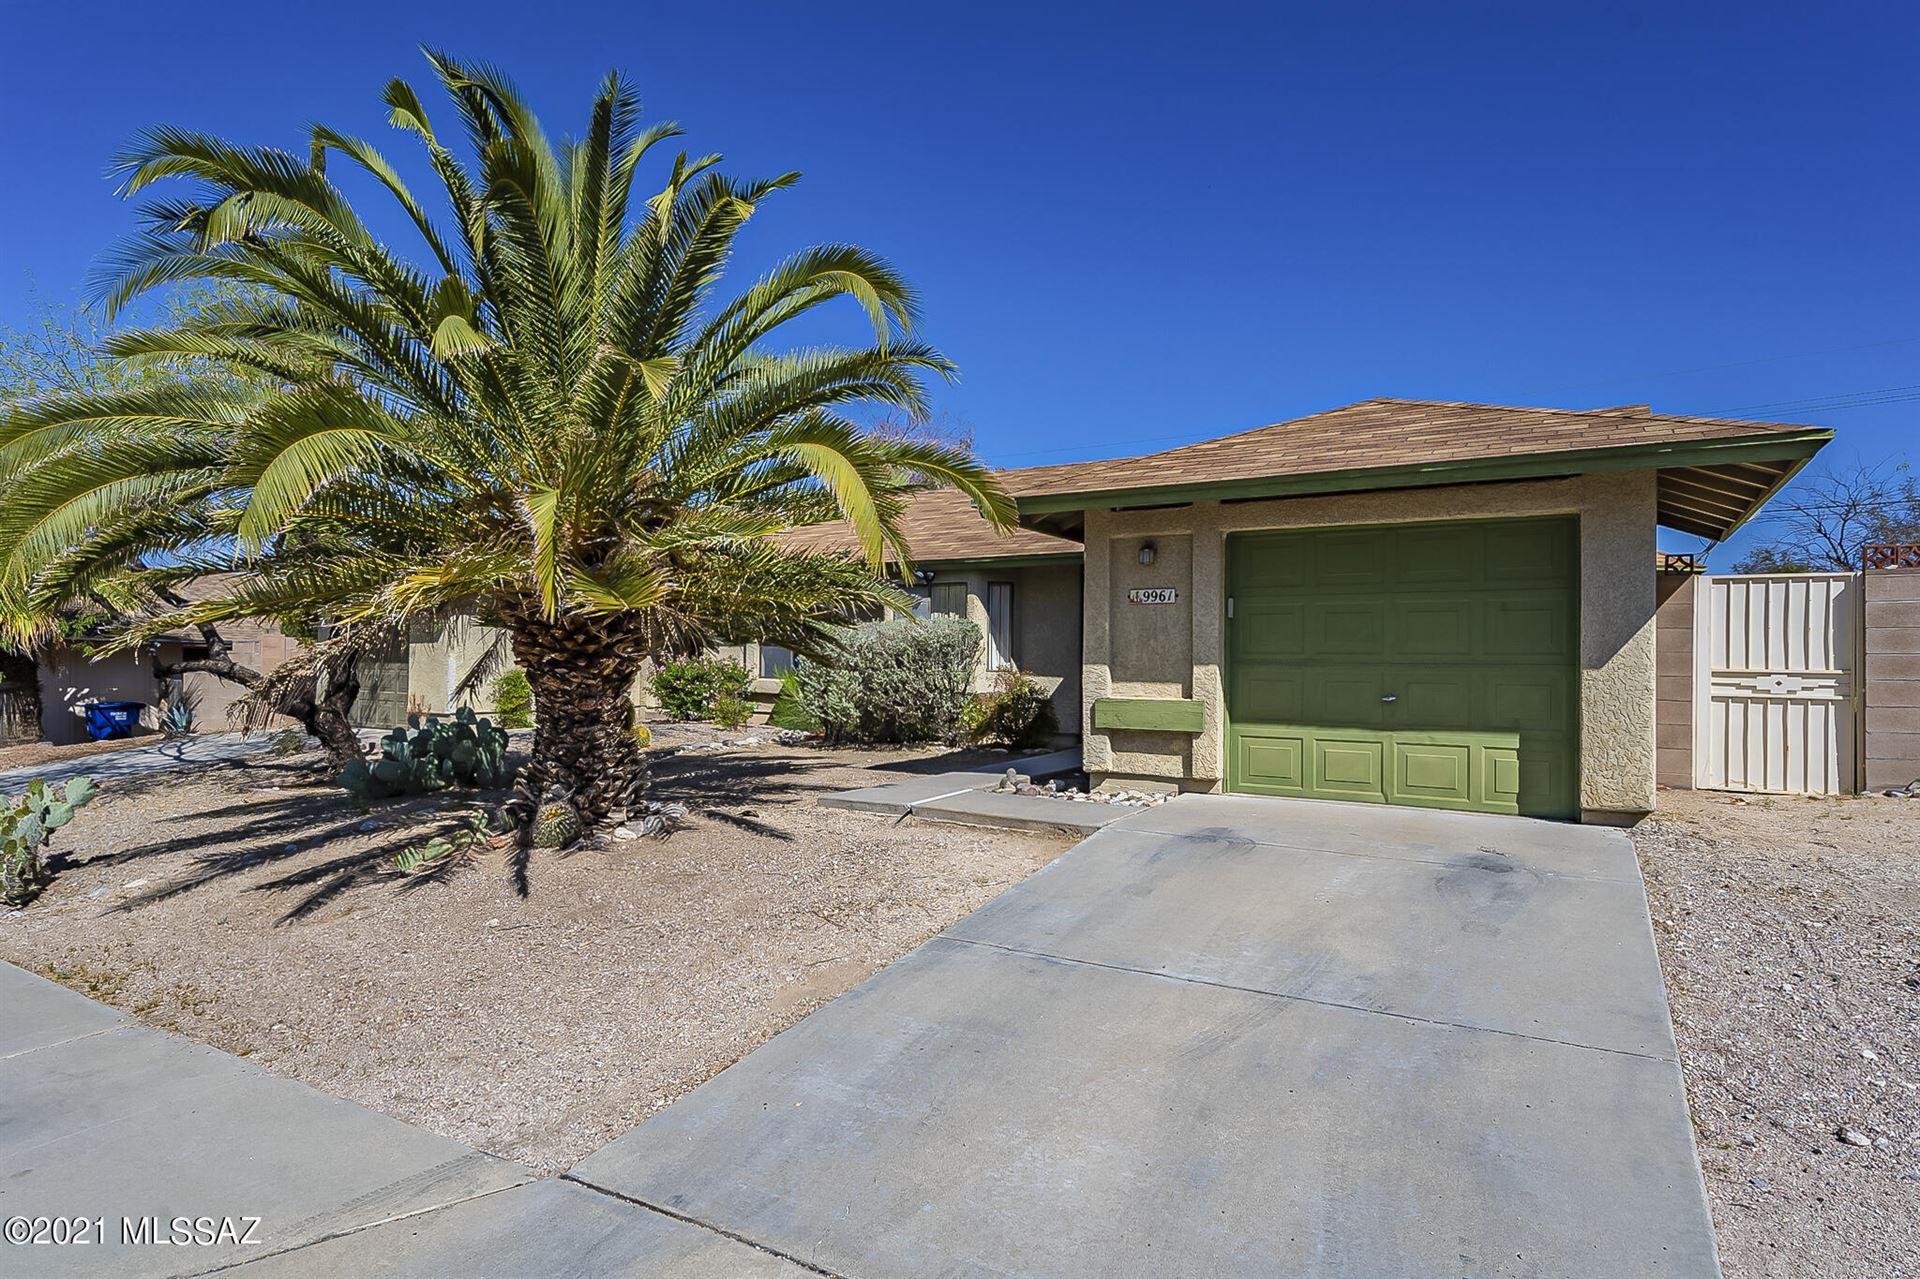 9961 E Desert Aire Drive, Tucson, AZ 85730 - MLS#: 22108406